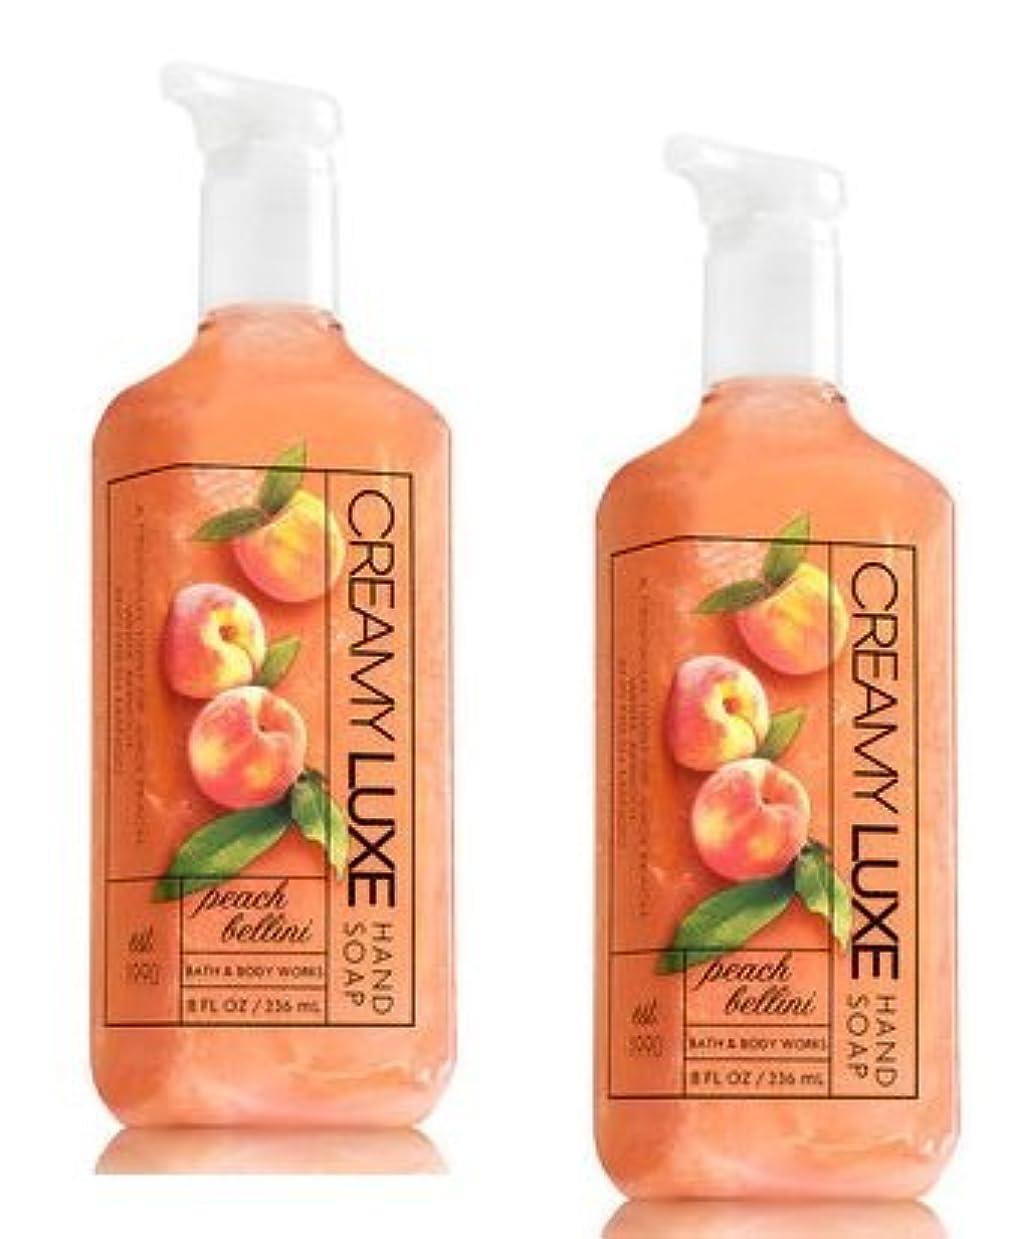 年金受給者ファンシー中Bath & Body Works ピーチベリーニ クリーミー リュクス ハンドソープ 2本セット PEACH BELLINI Creamy Luxe Hand Soap. 8 oz 236ml [並行輸入品]